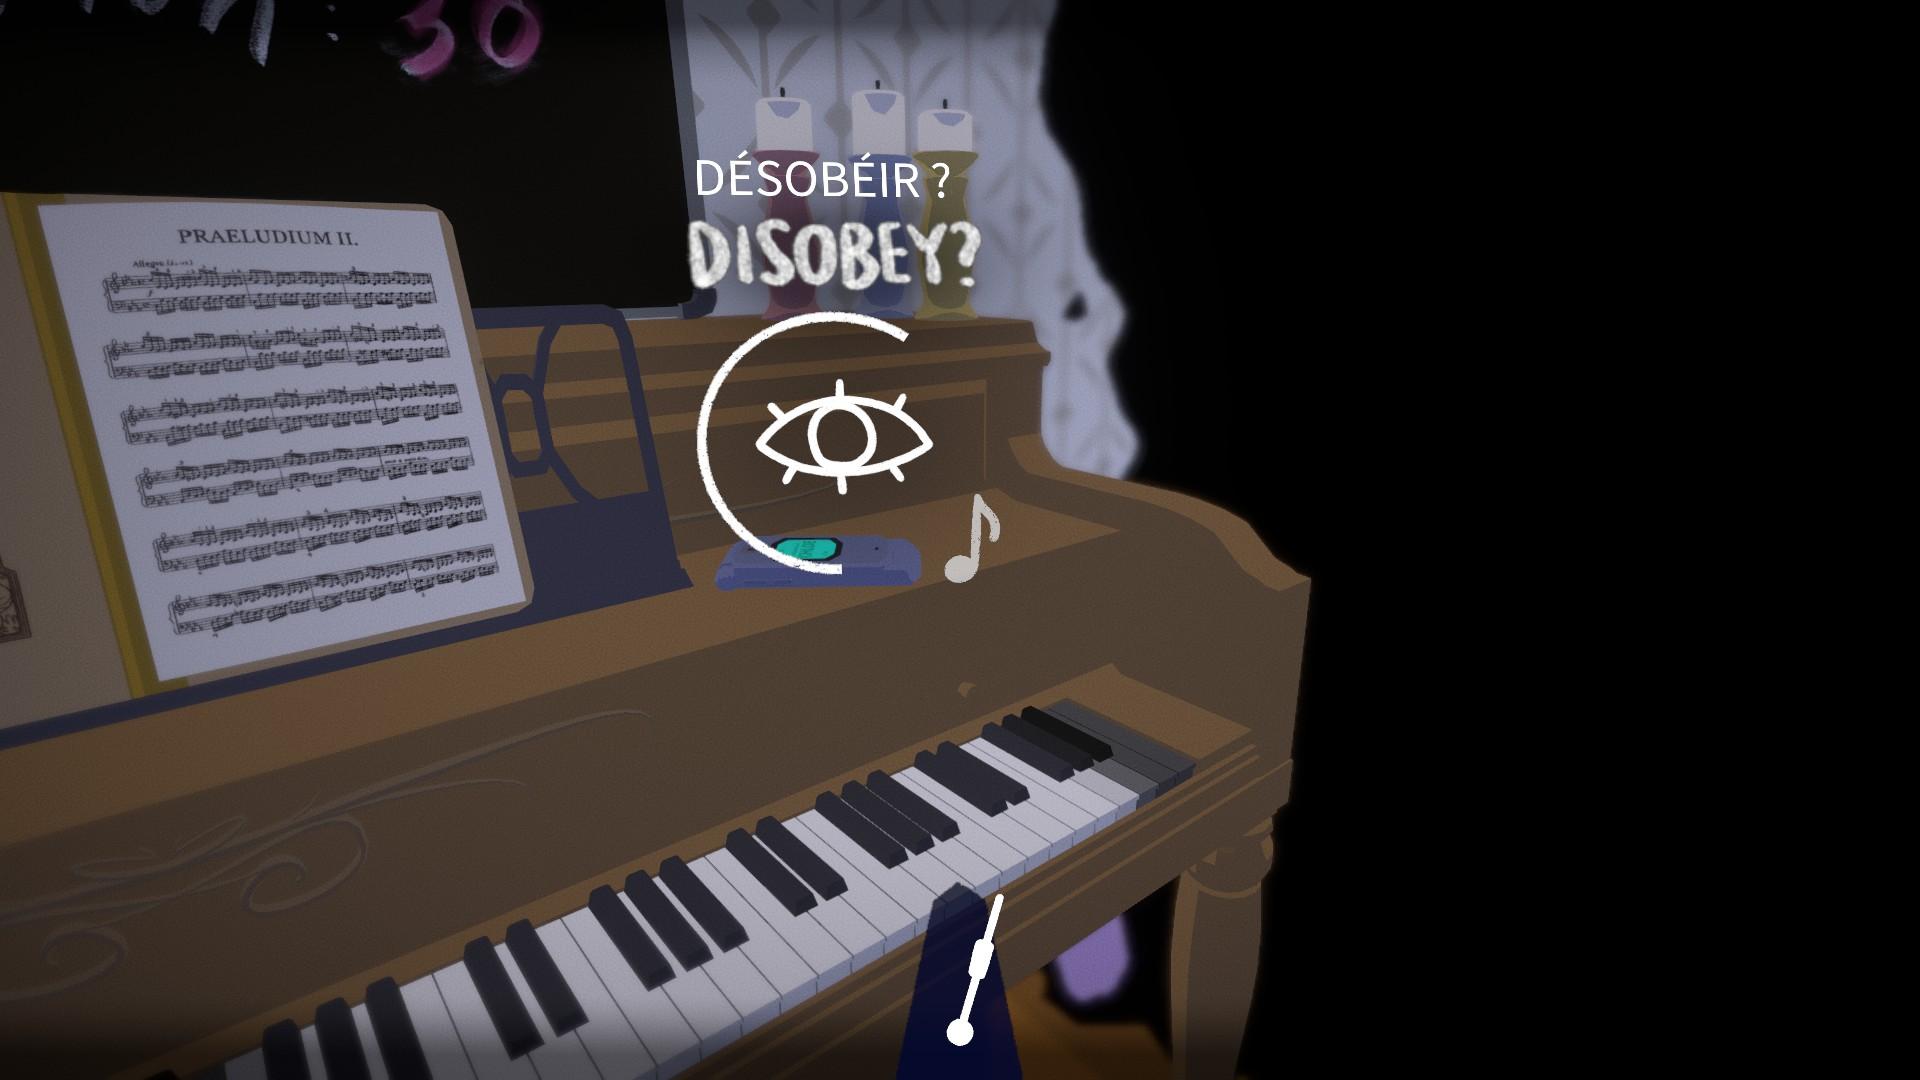 Le jeu propose quelques choix majeurs, avec des issues différentes.